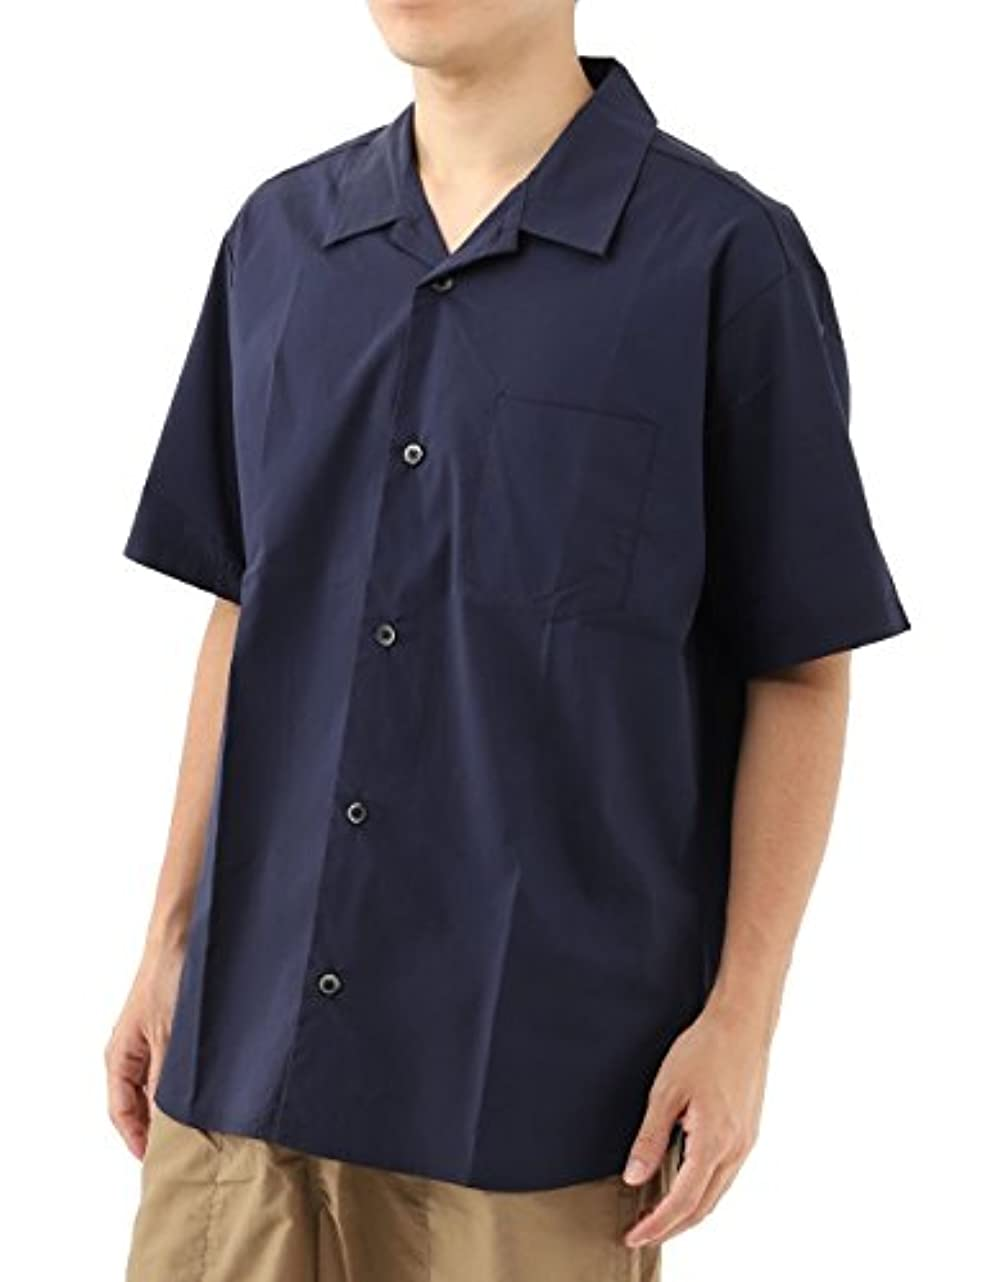 暗記する持続的昇る[ジーパッシオ] G-passio オープンカラーシャツ ビッグシルエット メンズ